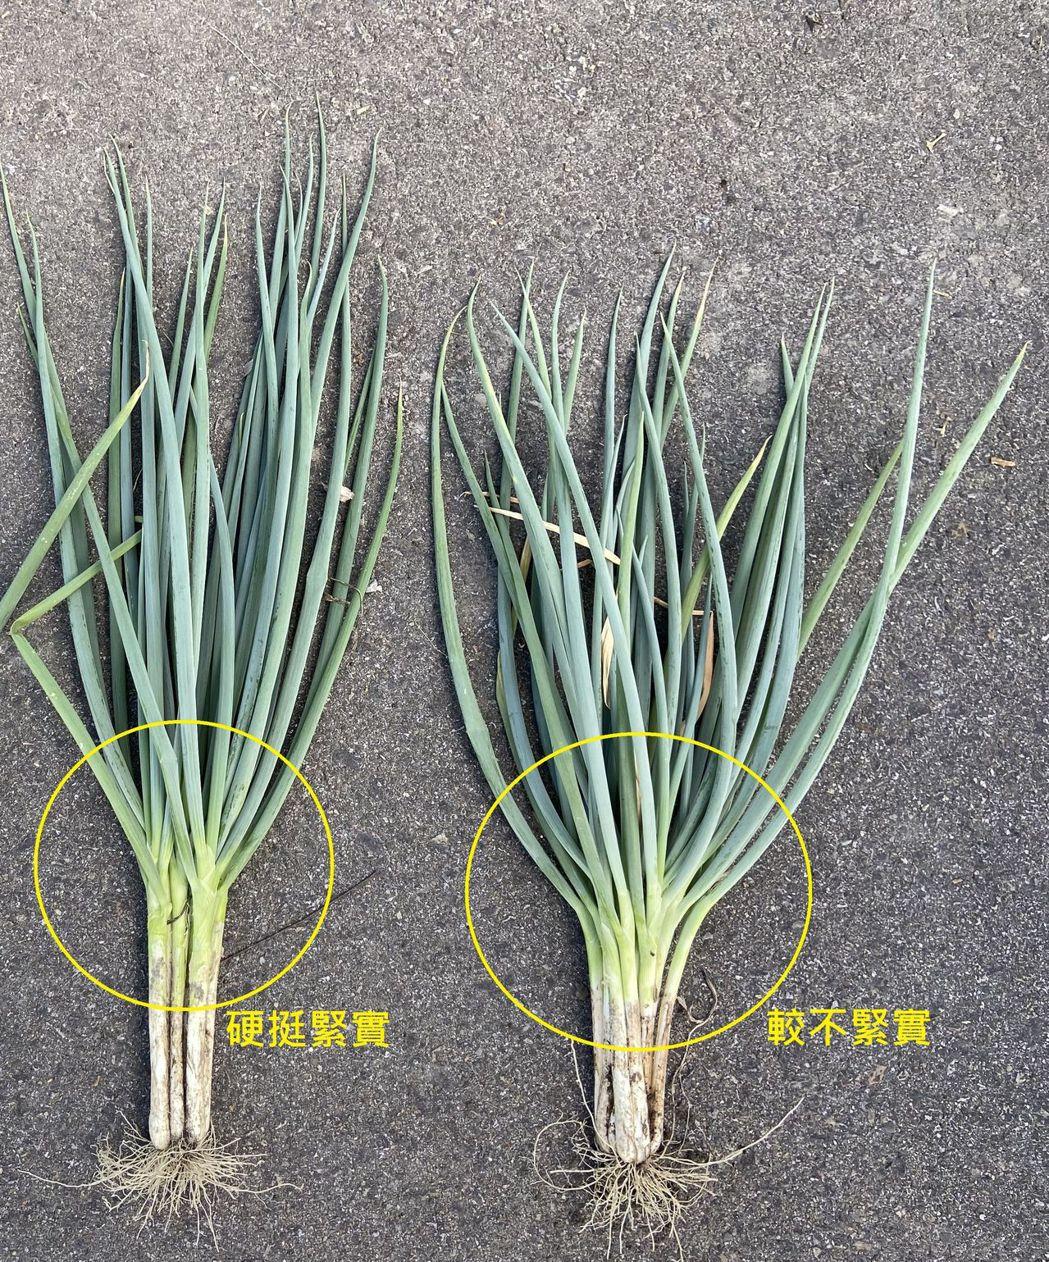 施用台肥金旺特43號有機質複合肥料青蔥直立硬挺且單叢生長旺盛,產量提升5%  台...